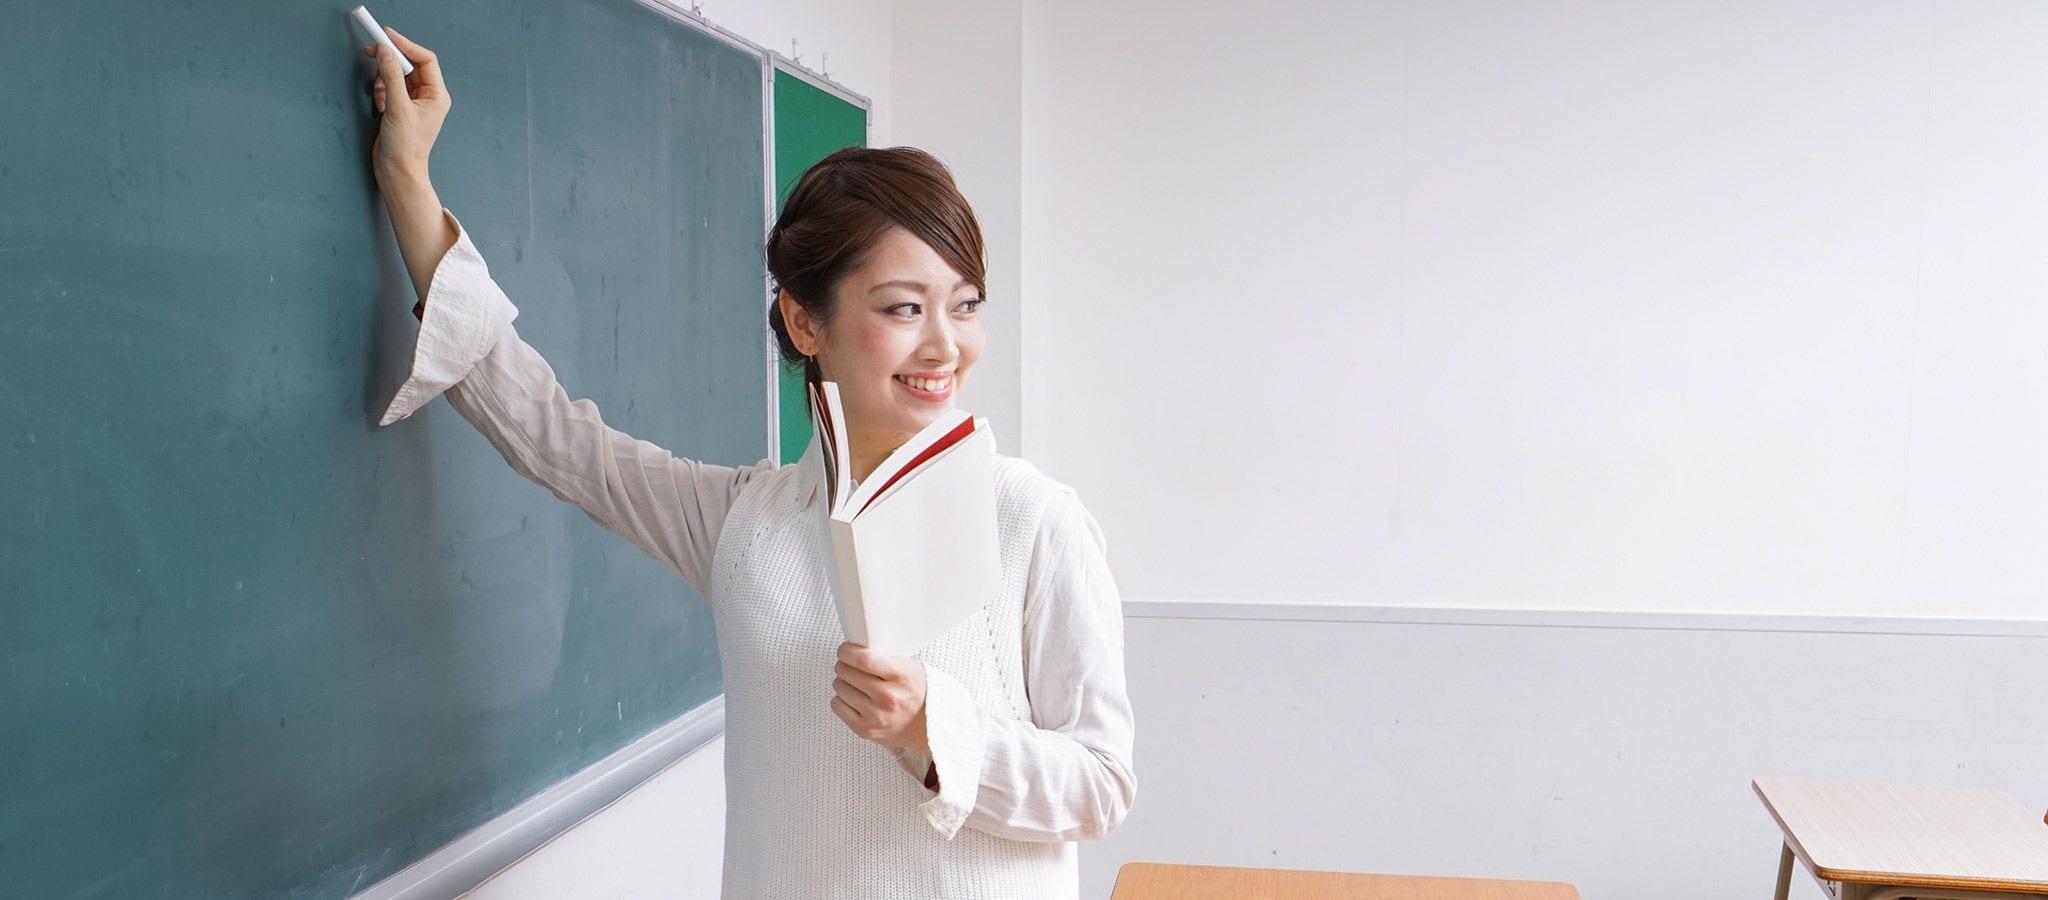 「教員に向けたアンケート2020年春」GIGAスクール構想、現場認知度は約50%